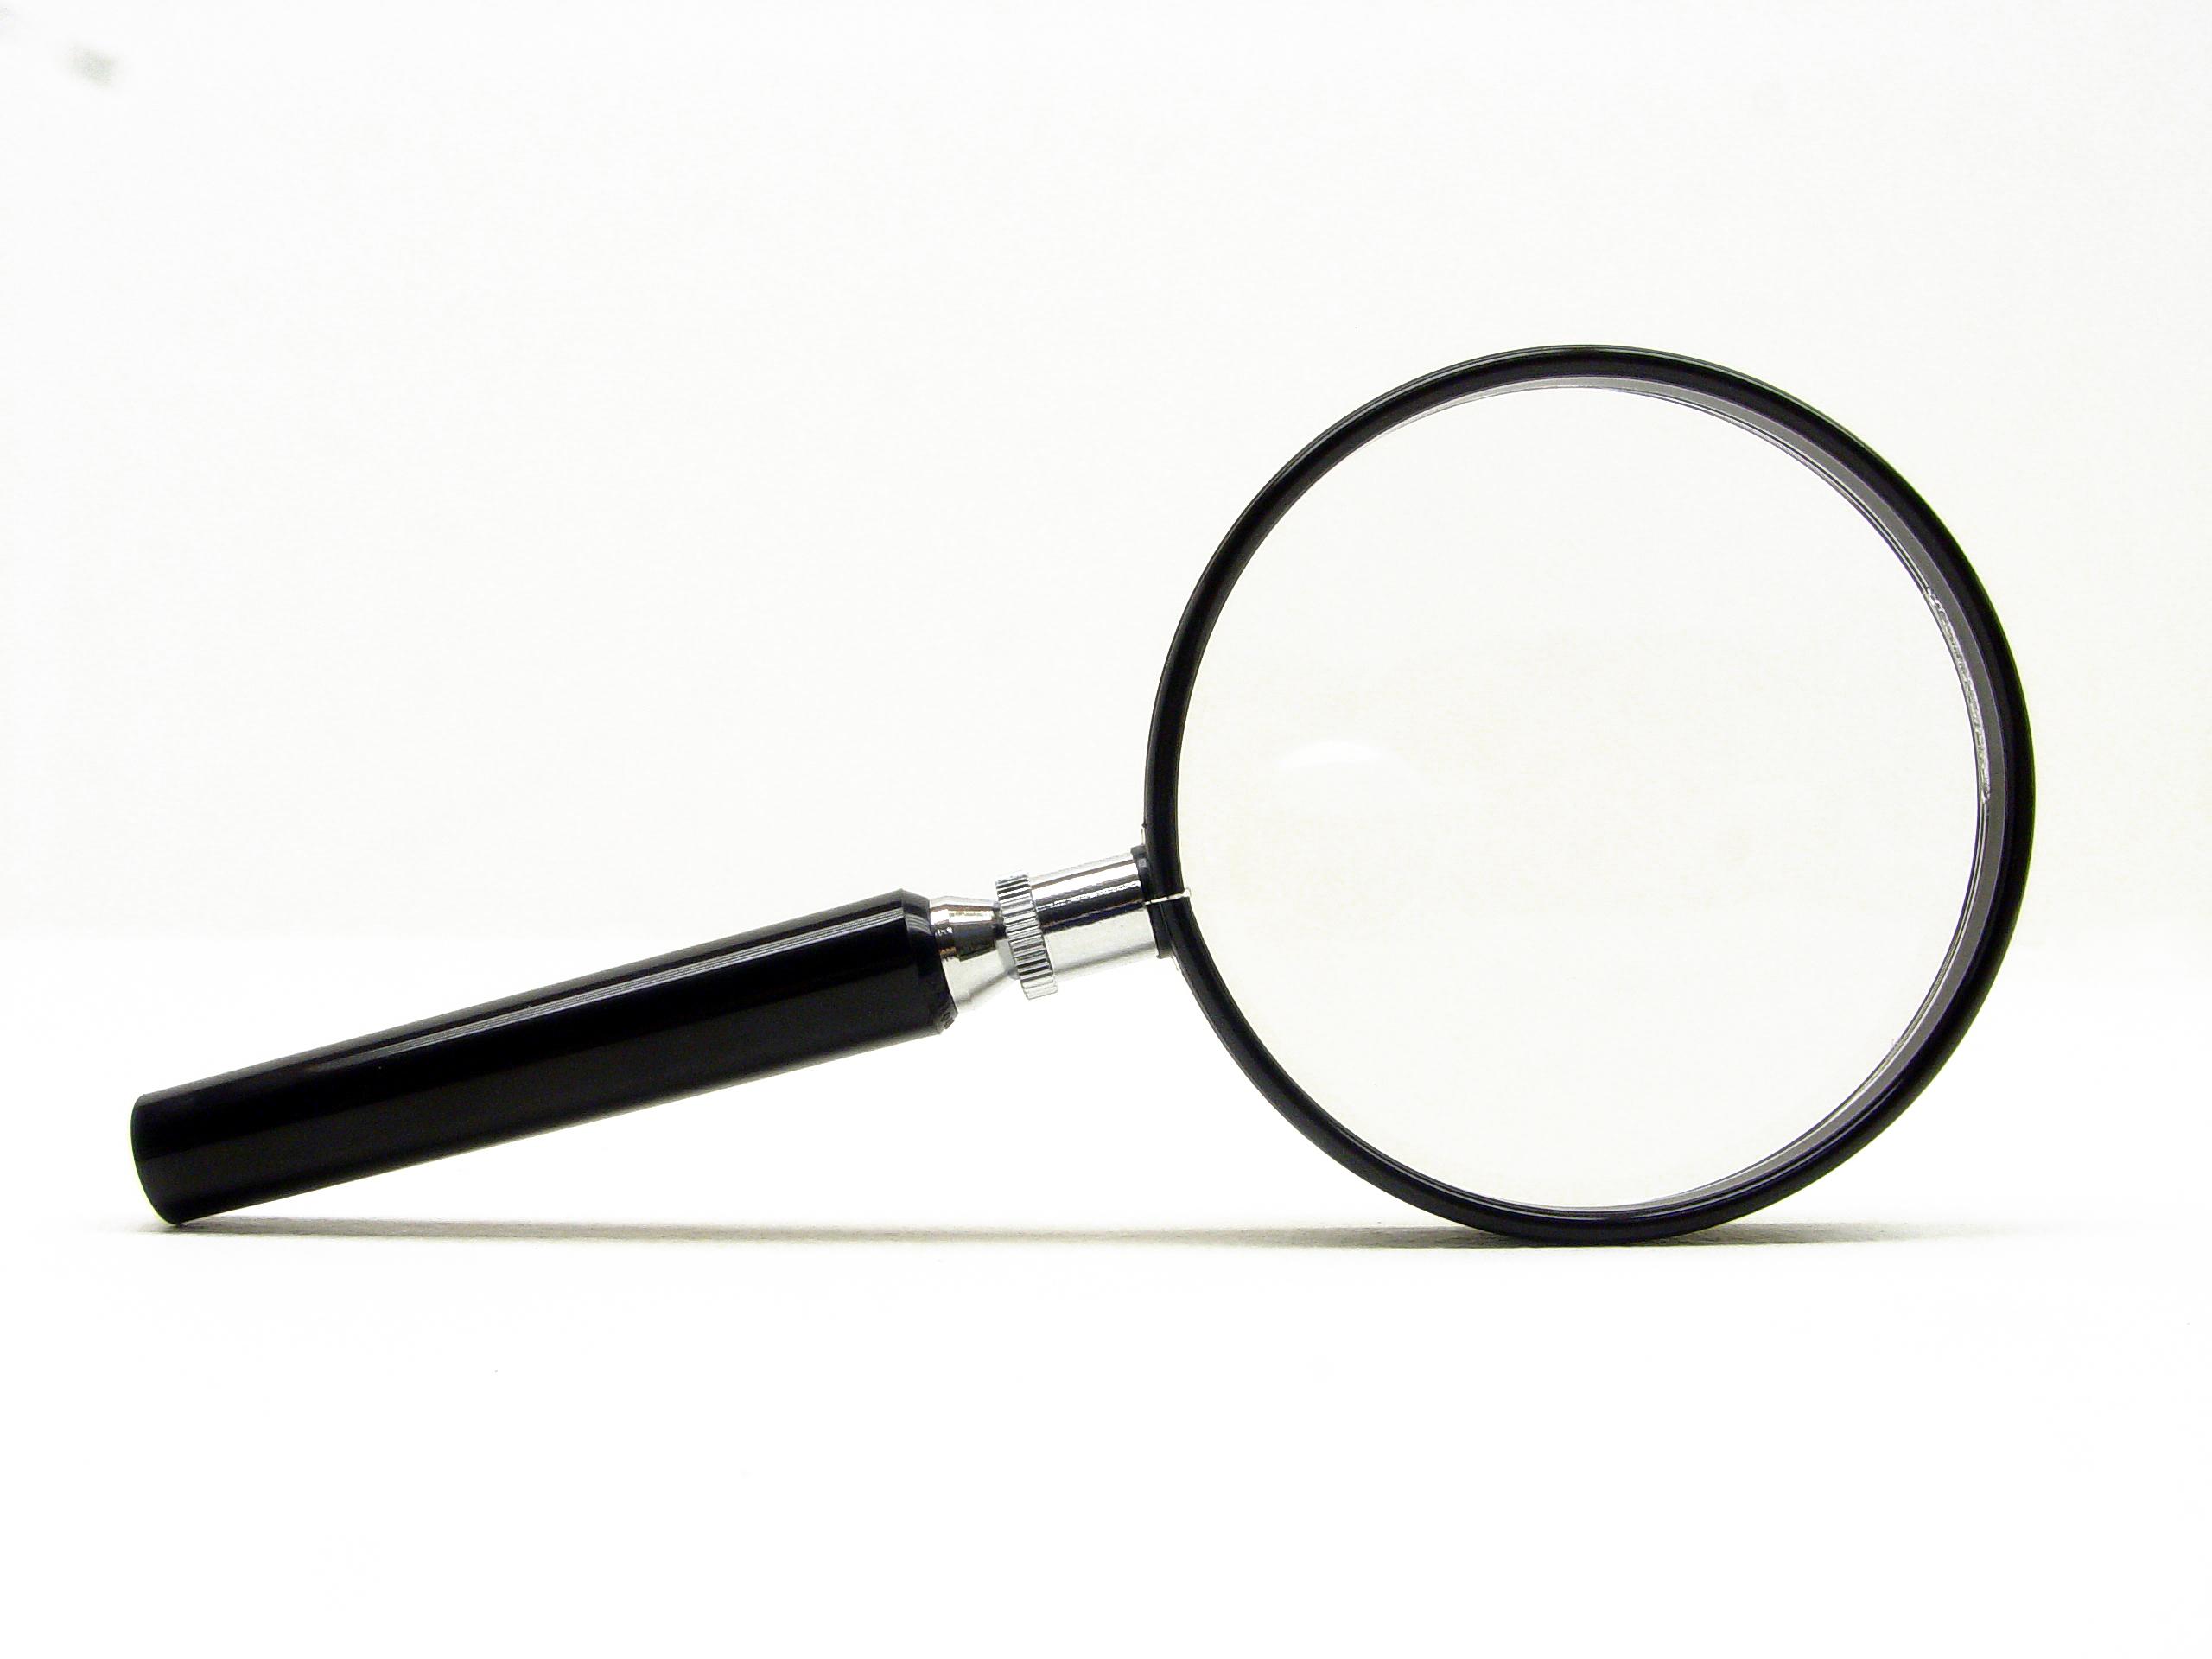 רשימת חוקרים פרטיים מורשים- כיצד לבחור חוקר פרטי